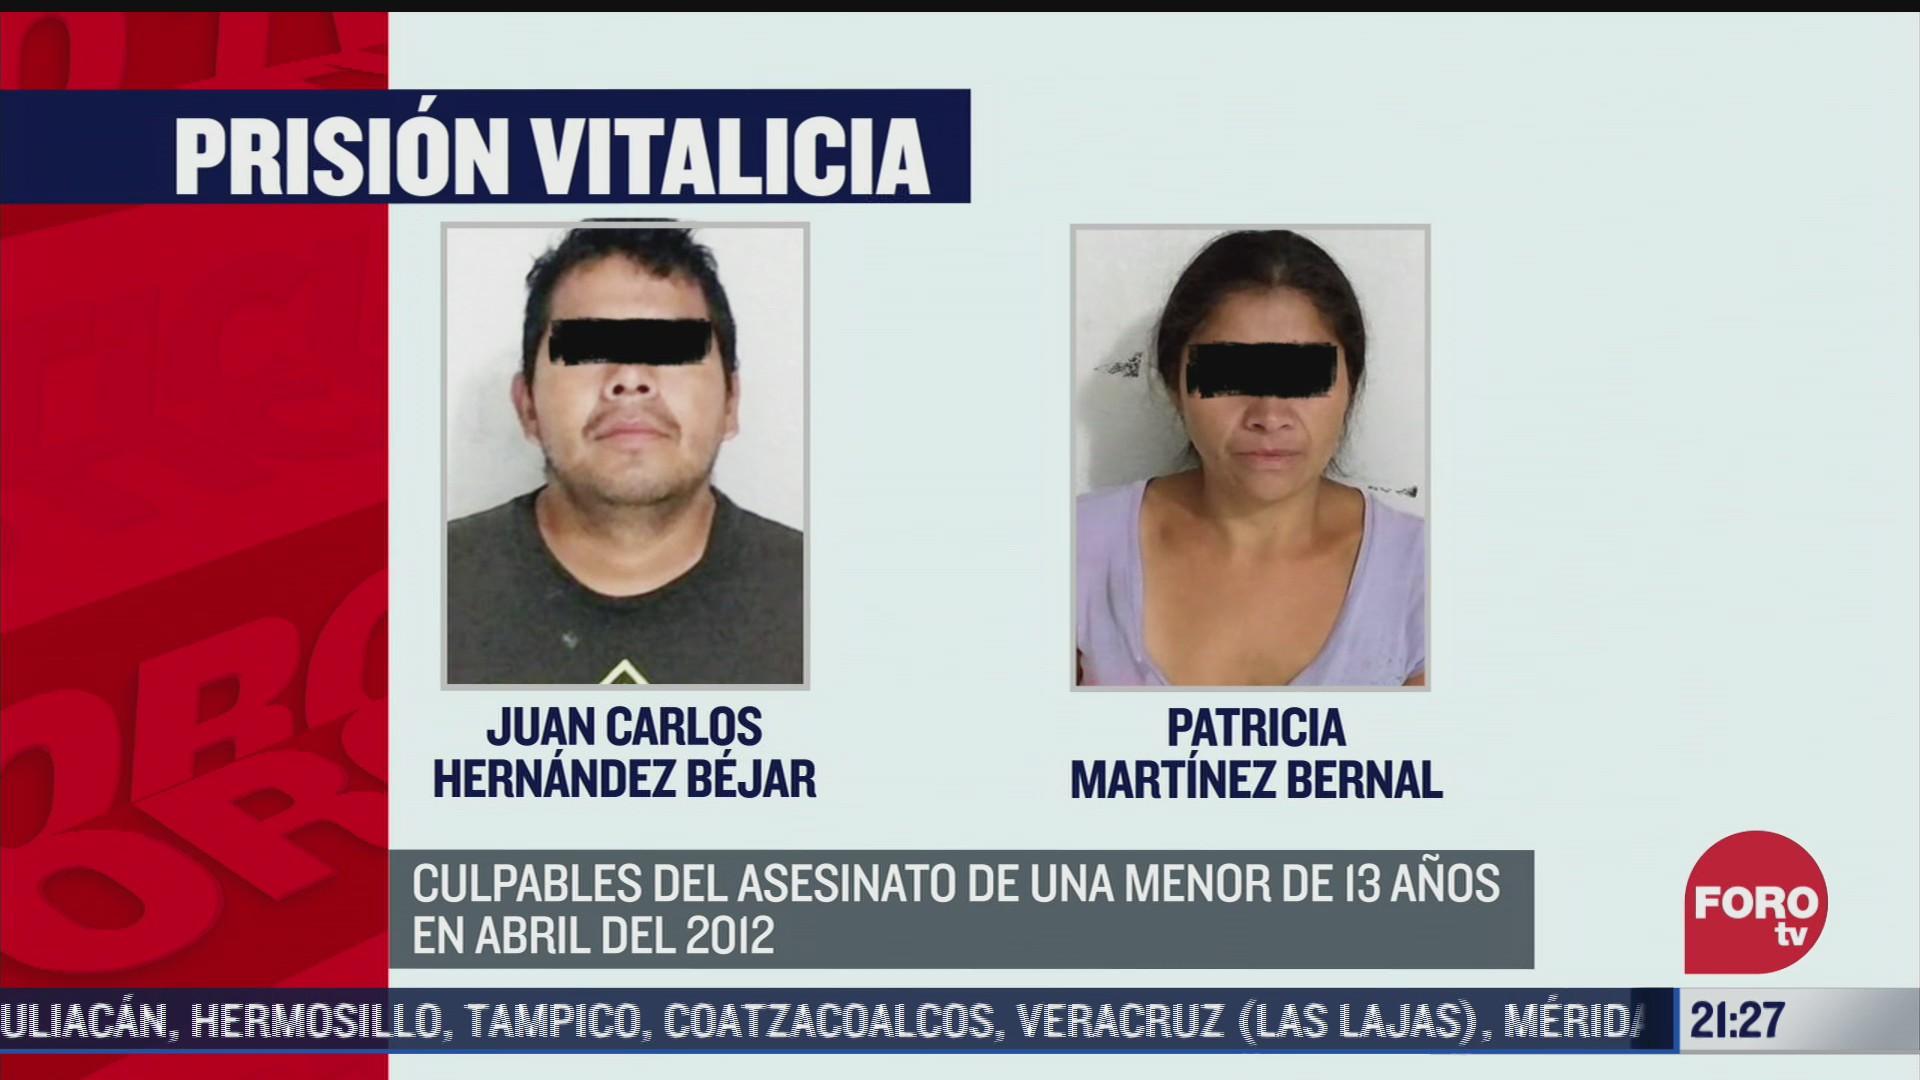 dictan prision vitalicia para los monstruos de ecatepec